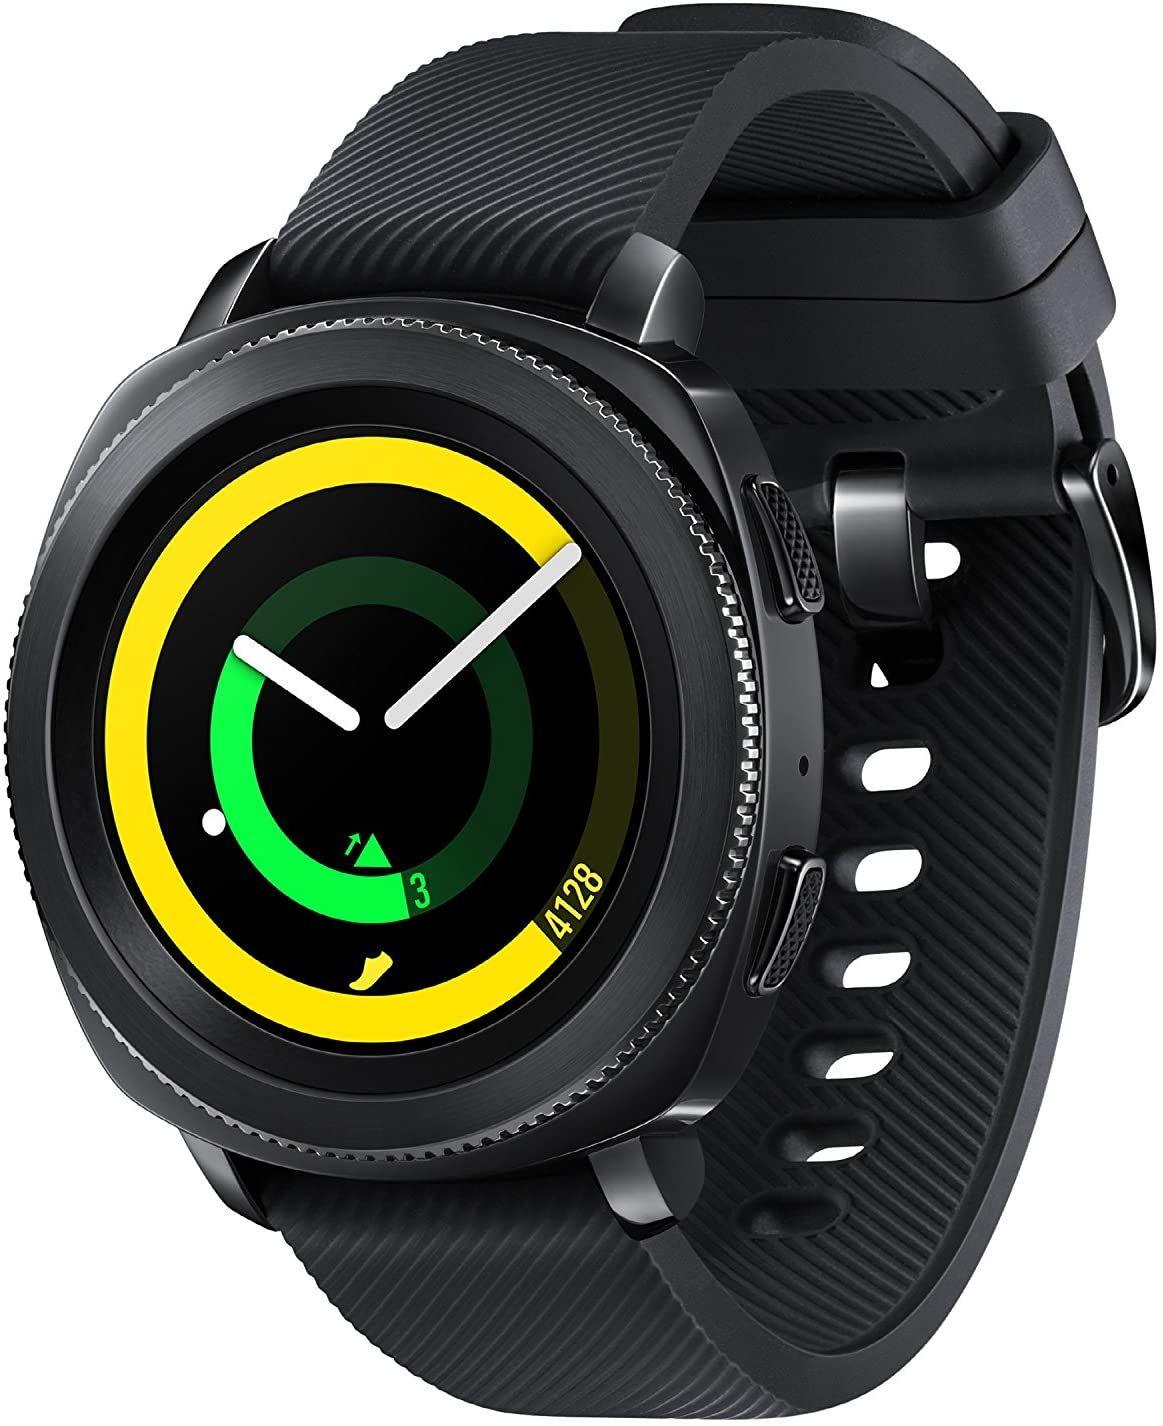 """Samsung Gear Sport - 1,2"""" Smartwatch (Super-AMOLED, GPS, NFC, 768 MB RAM, 4 GB Speicher, Herzfrequenzmessung, Edelstahl-Gehäuse)"""